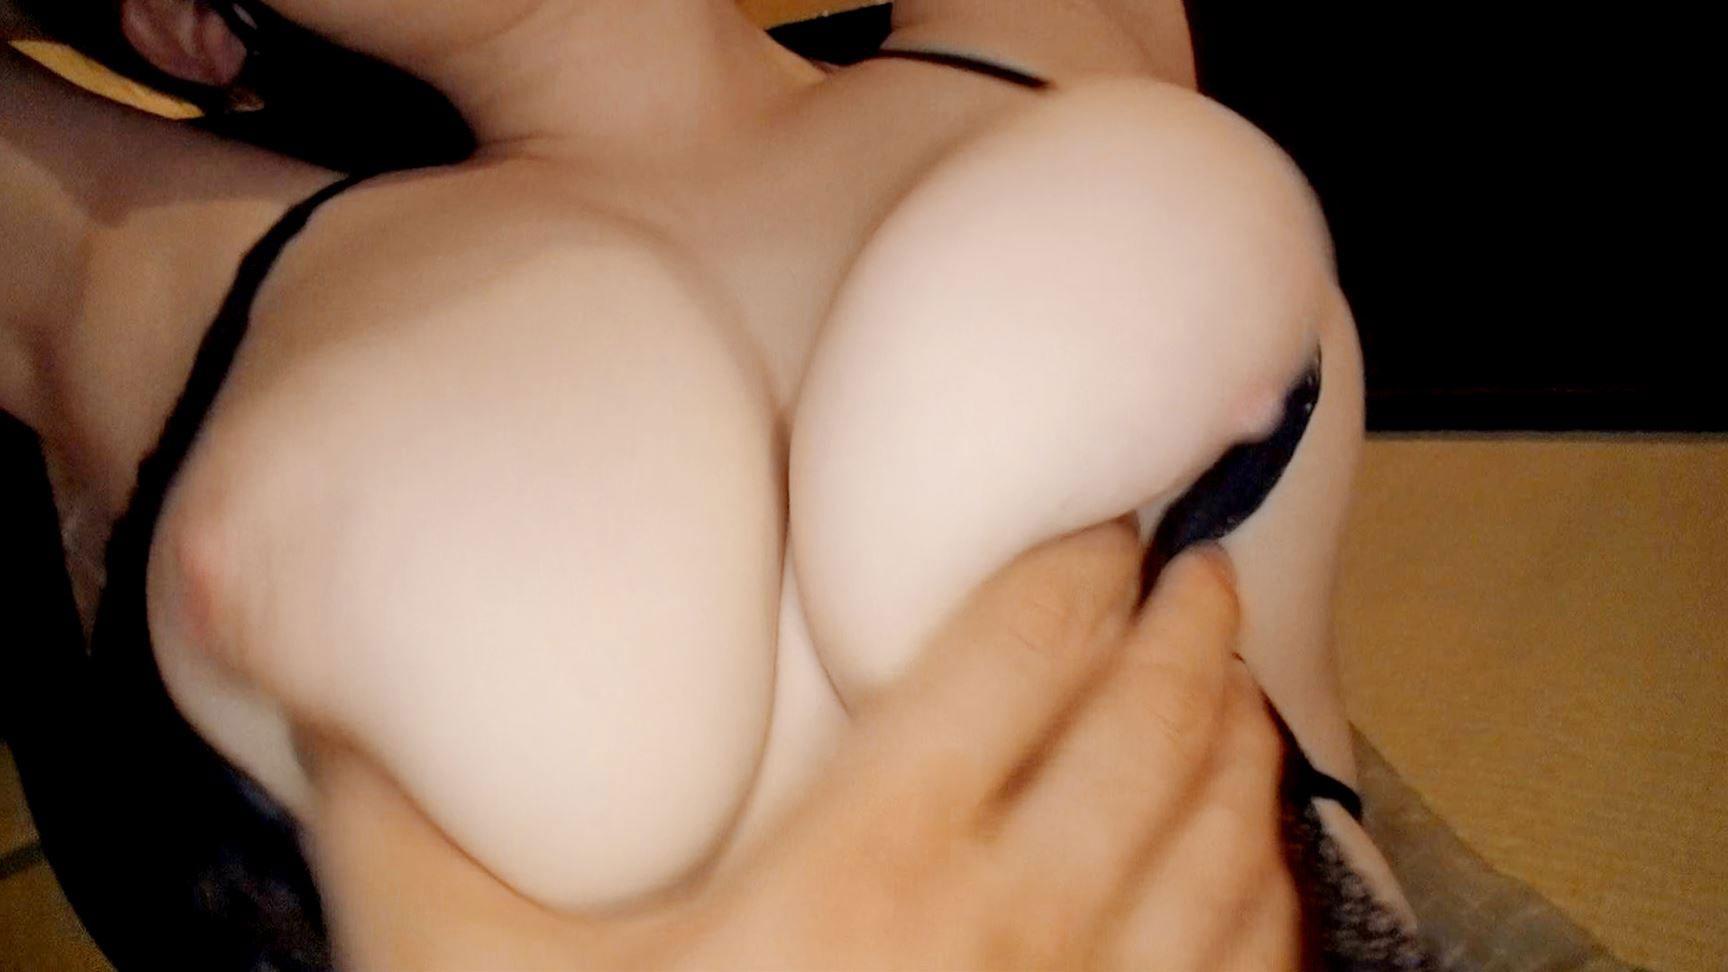 【おっぱい】絹のような美白をしたヌード画像に見る美巨乳のまとめwww【30枚】 15